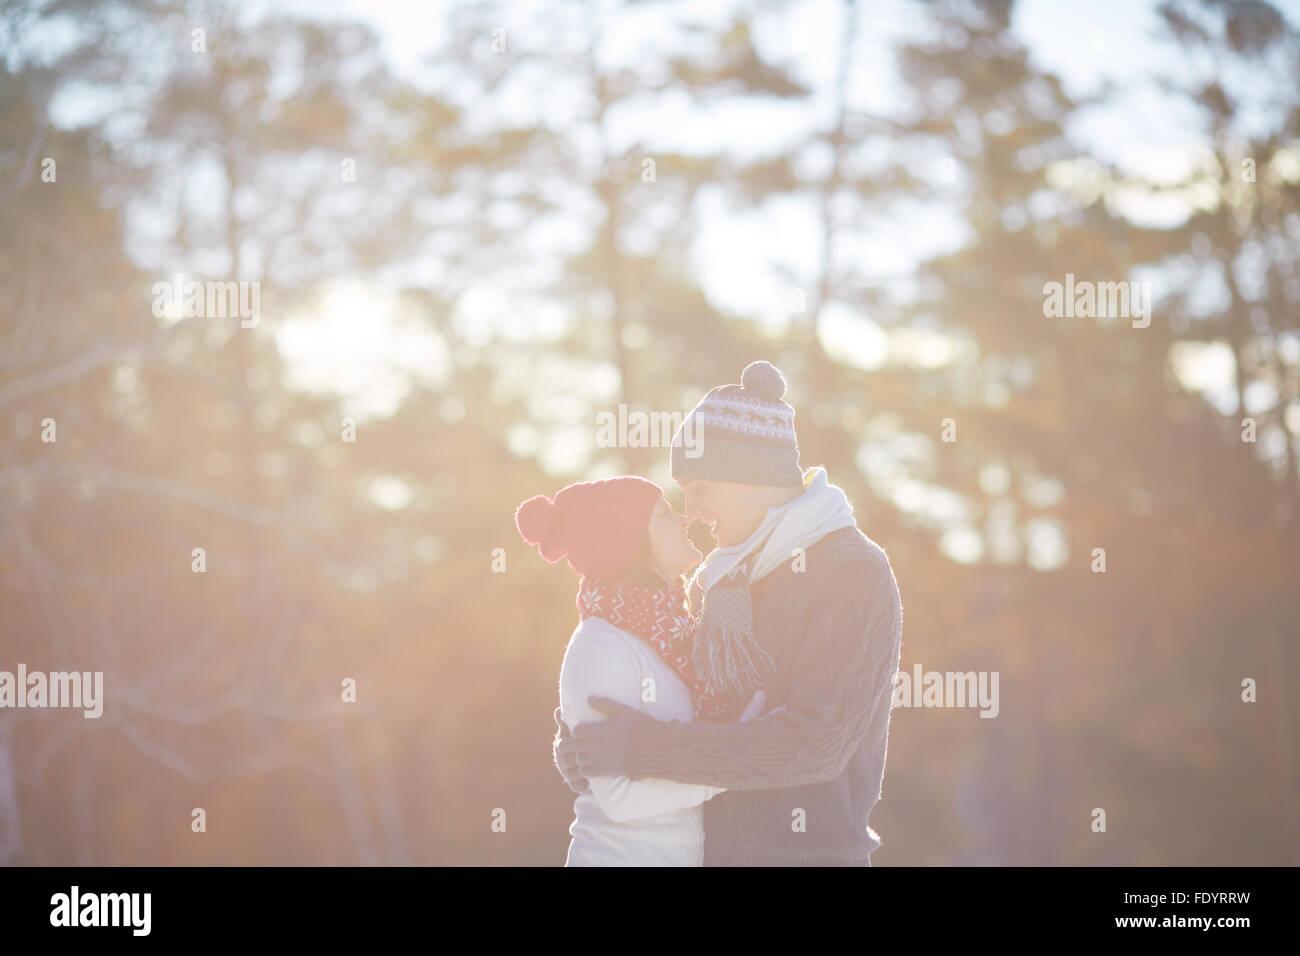 Les jeunes debout valentines nez à nez dans l'environnement naturel Photo Stock